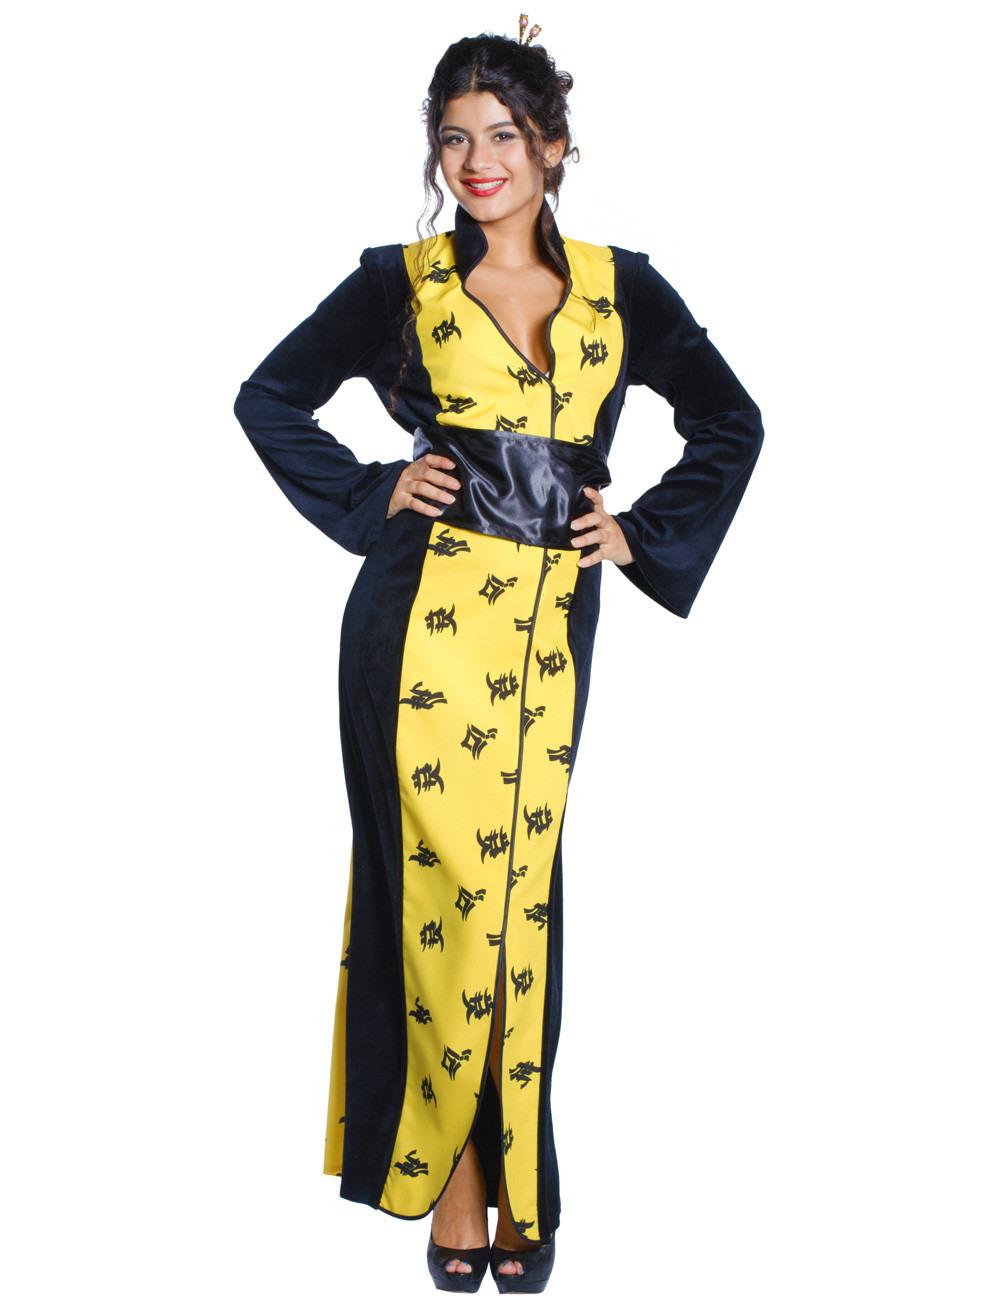 15 Perfekt Kleid Schwarz Gelb Bester Preis15 Wunderbar Kleid Schwarz Gelb Boutique